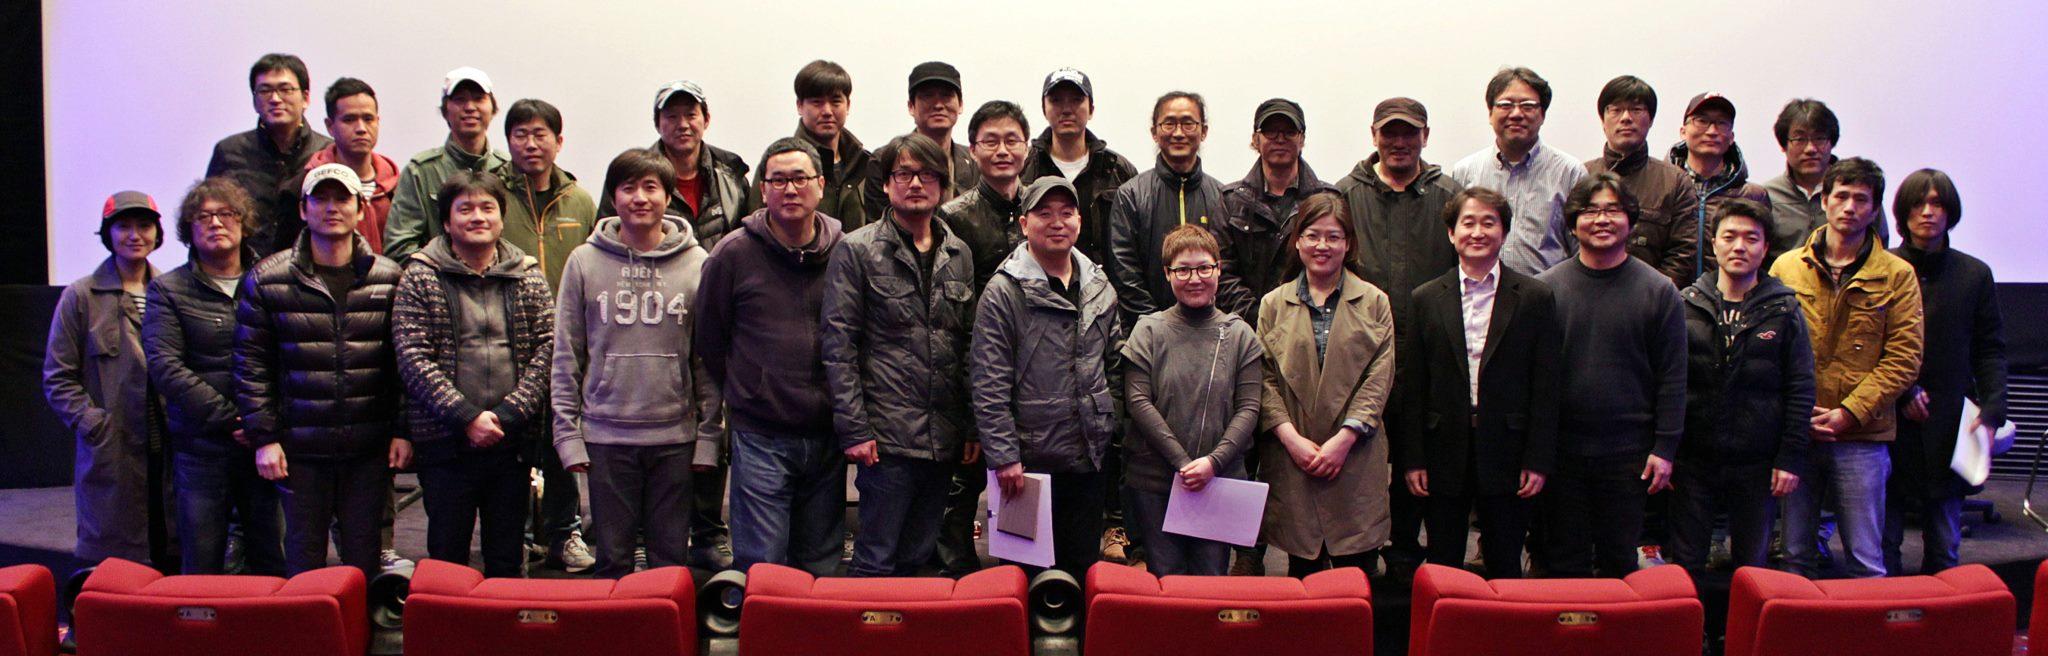 2013년 4월 CGK 창립 준비모임